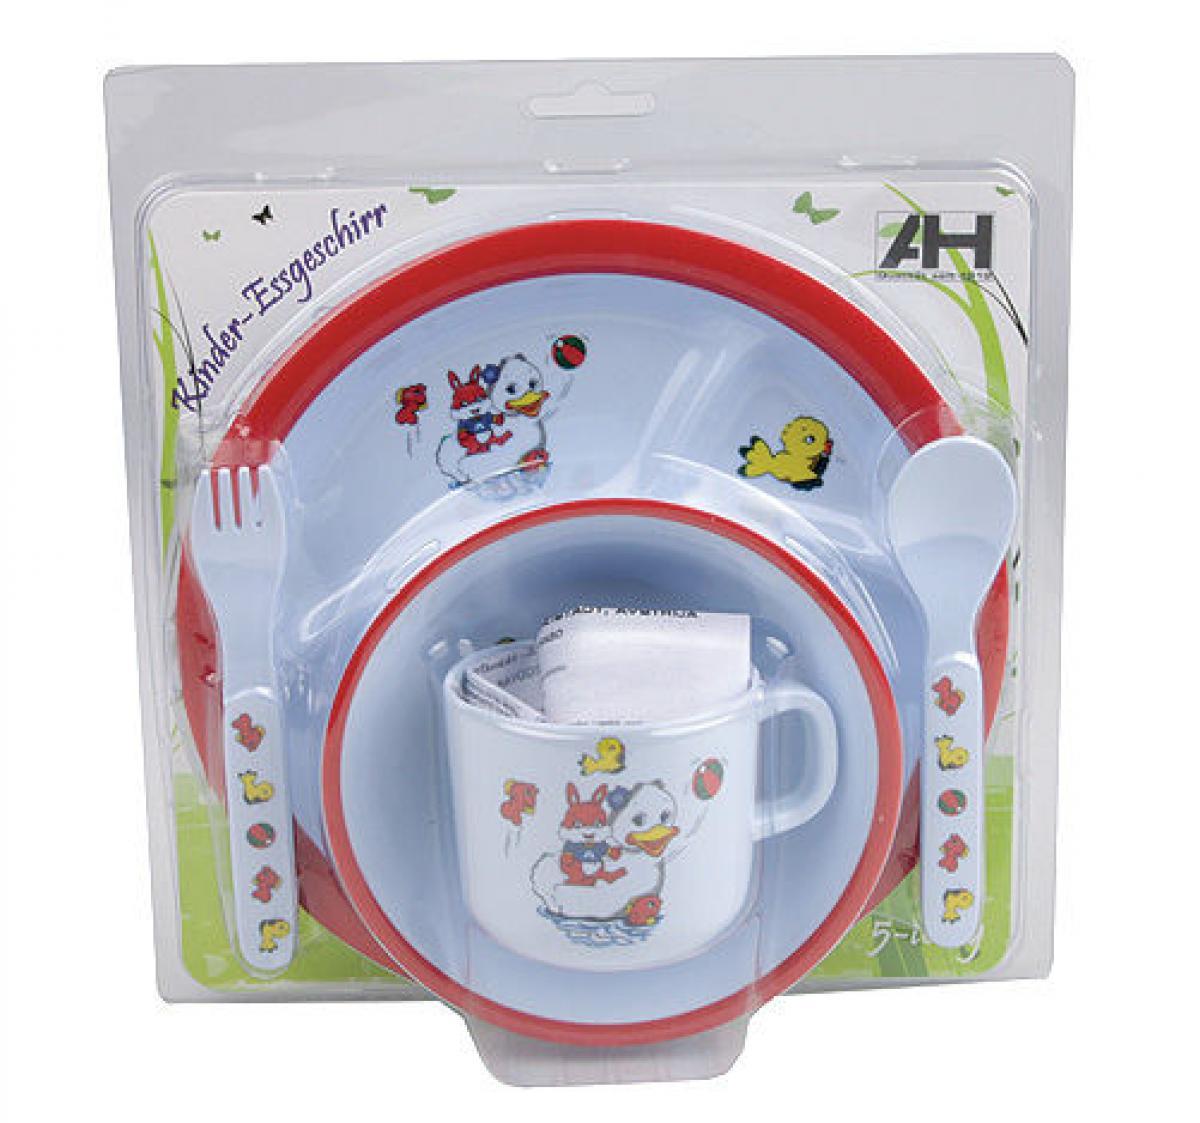 preissturz baby esset kindergeschirr 5tlg mit teller besteck schale tasse 3 farben w hlbar. Black Bedroom Furniture Sets. Home Design Ideas